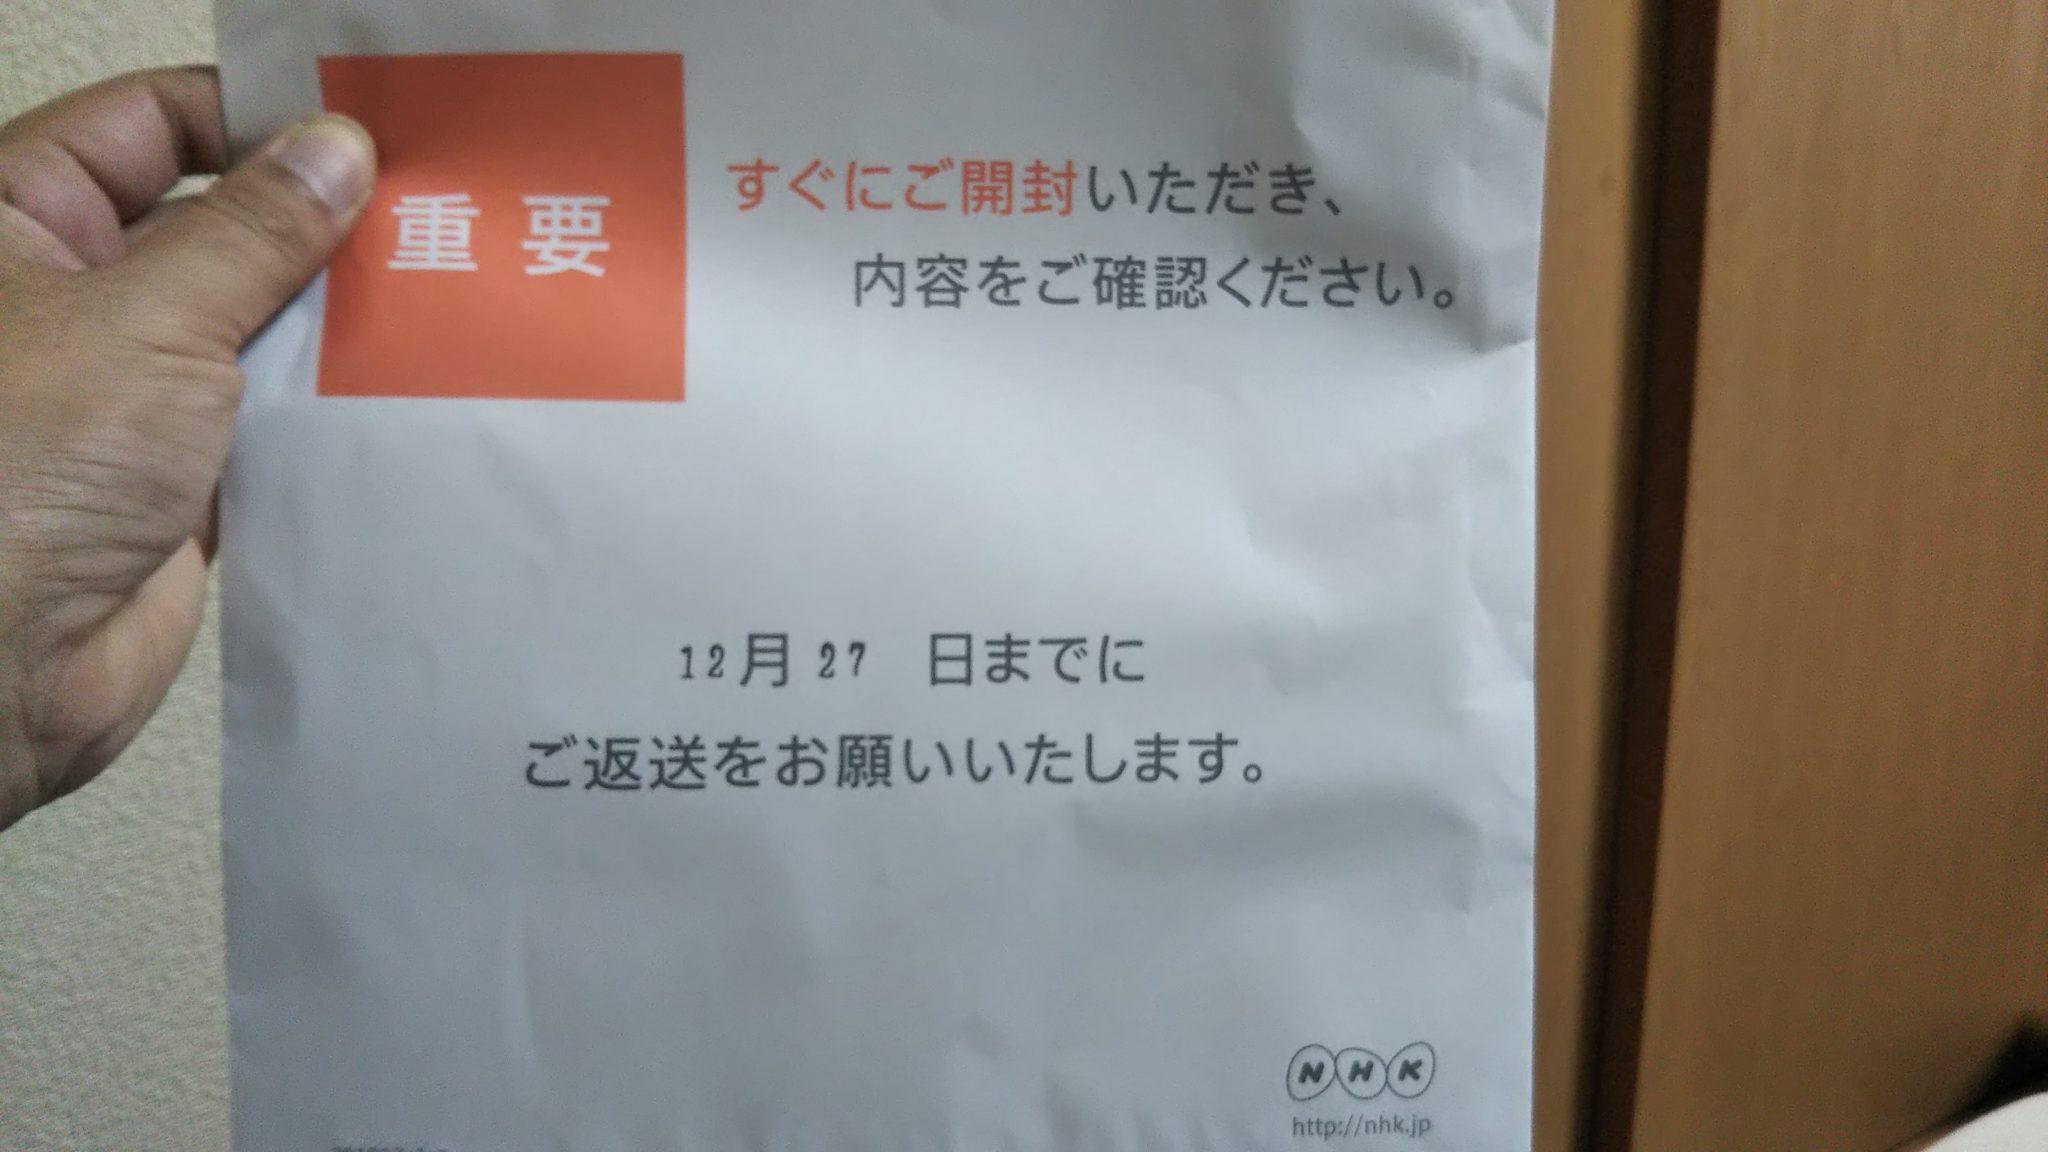 NHK大橋昌信